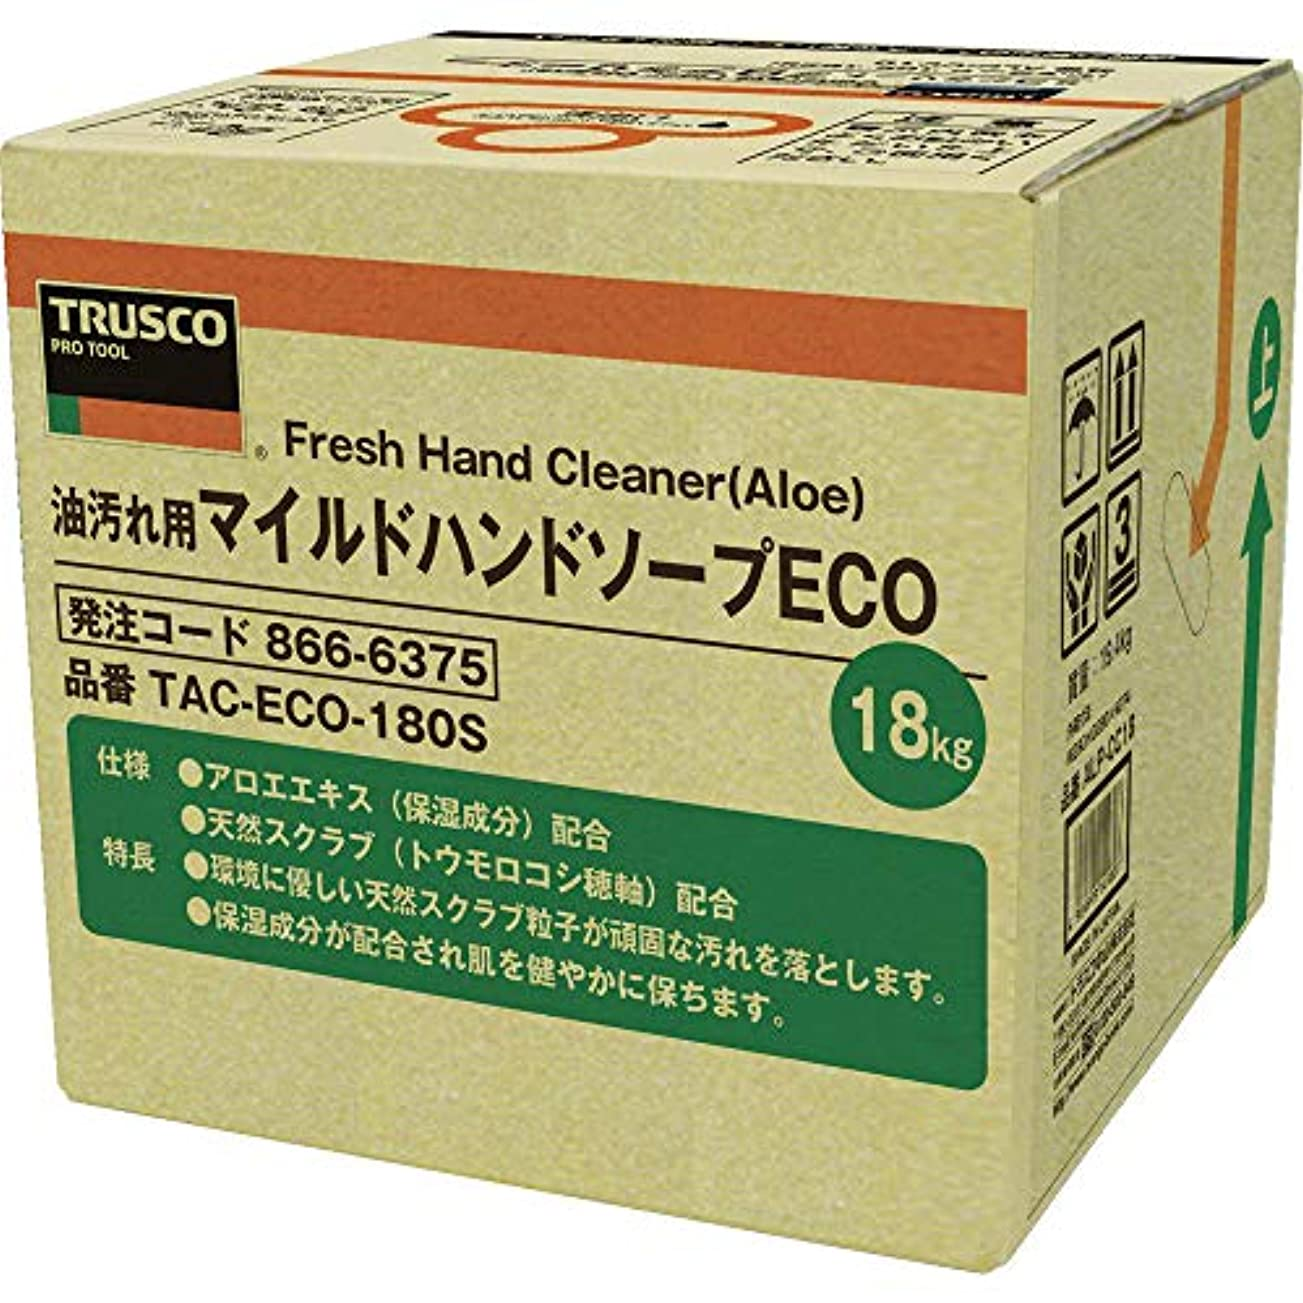 岸第三メールを書くTRUSCO(トラスコ) マイルドハンドソープ ECO 18L 詰替 バッグインボックス TACECO180S